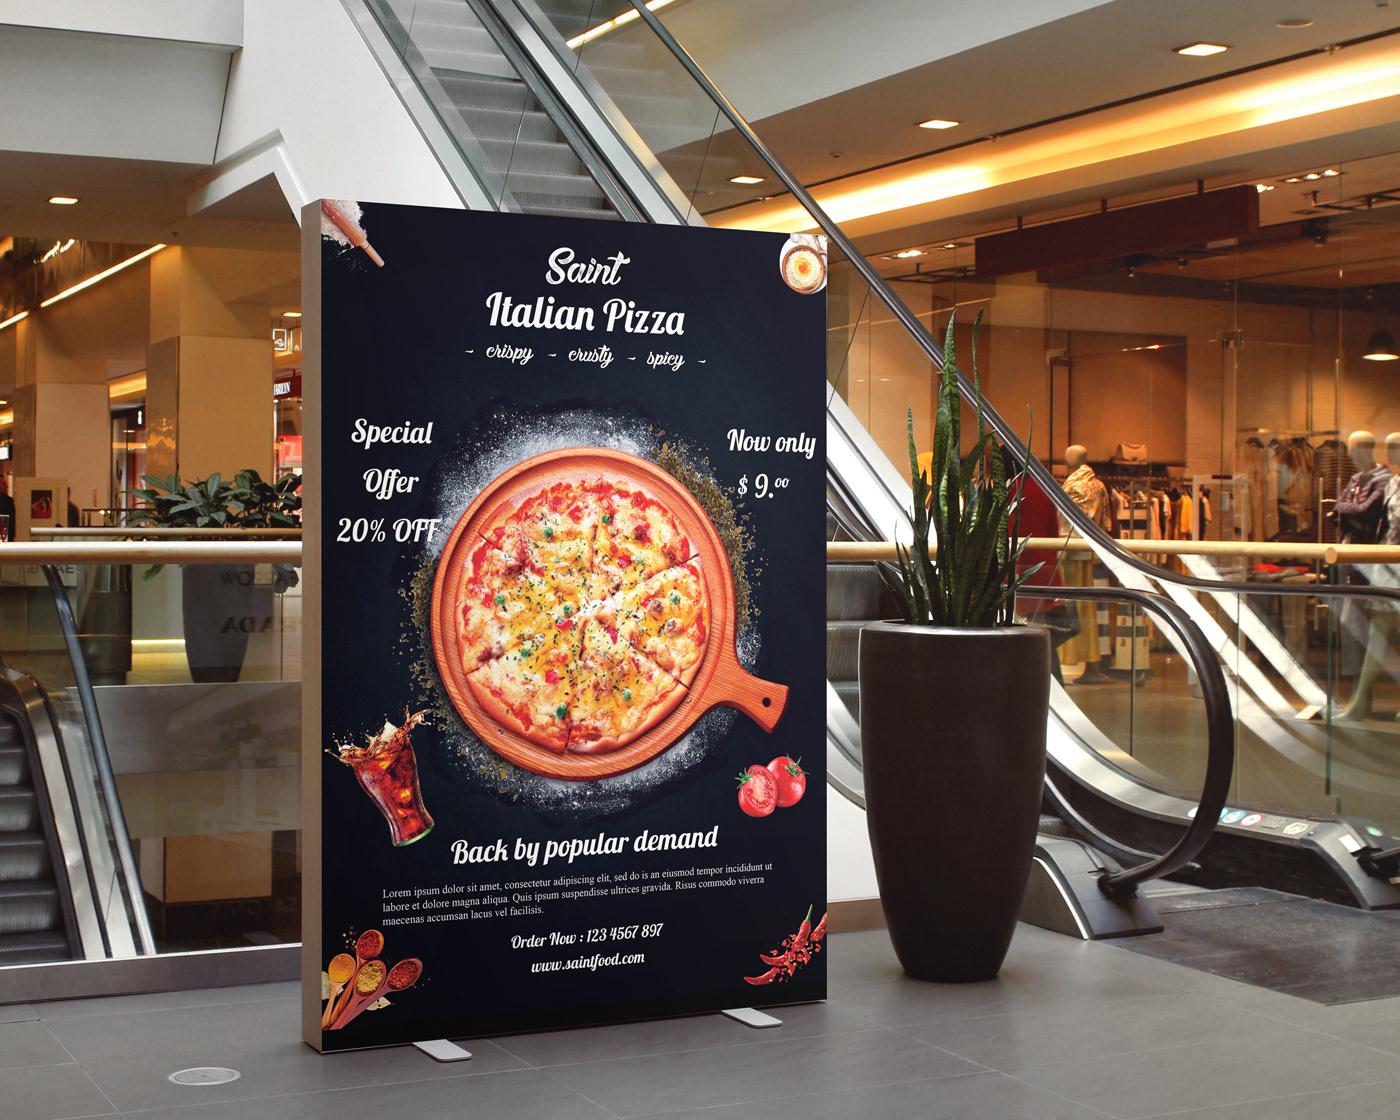 flyer Food  poster resturent restaurant flyer food menu pizza flyer Free flyer mockup restaurant brochure business